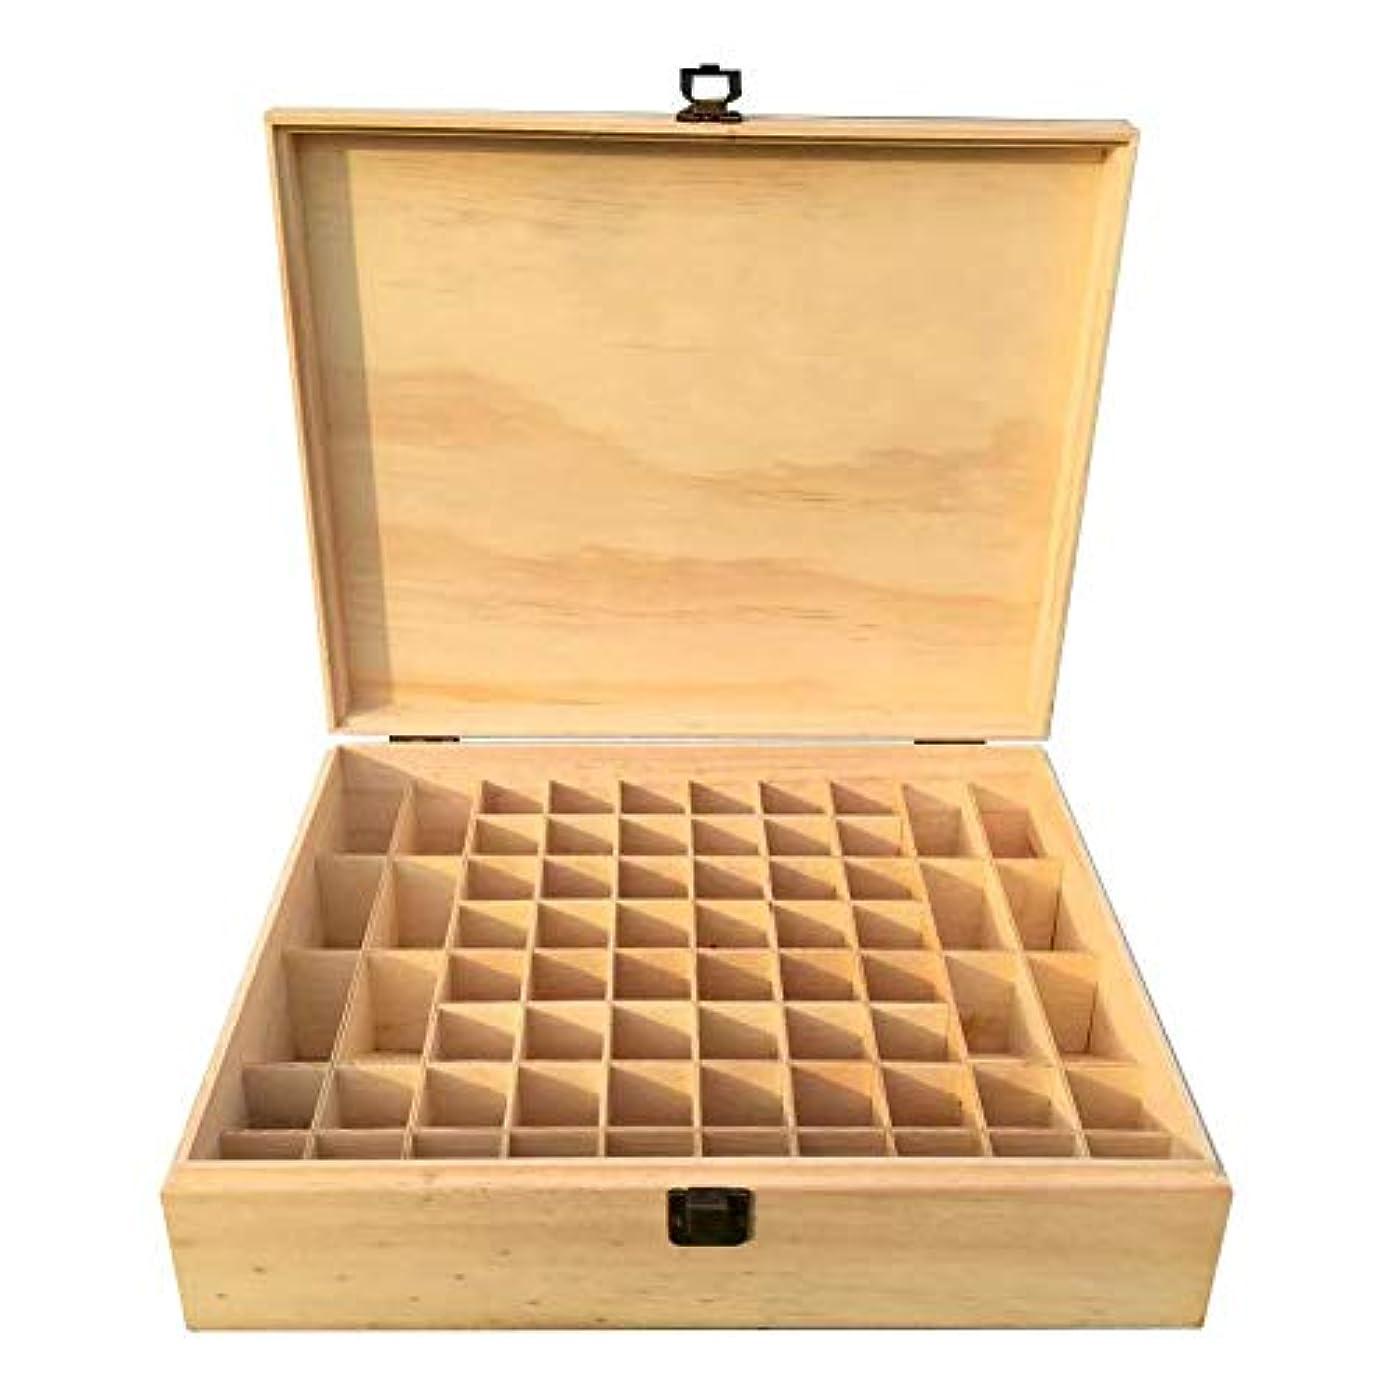 本中級十二Keytowards 68グリッド木製エッセンシャルオイルボックス、エッセンシャルオイルオーガナイザー収納ボックスケースディスプレイホールド、68コンパートメント、5-15mlエッセンシャルオイルボトル用